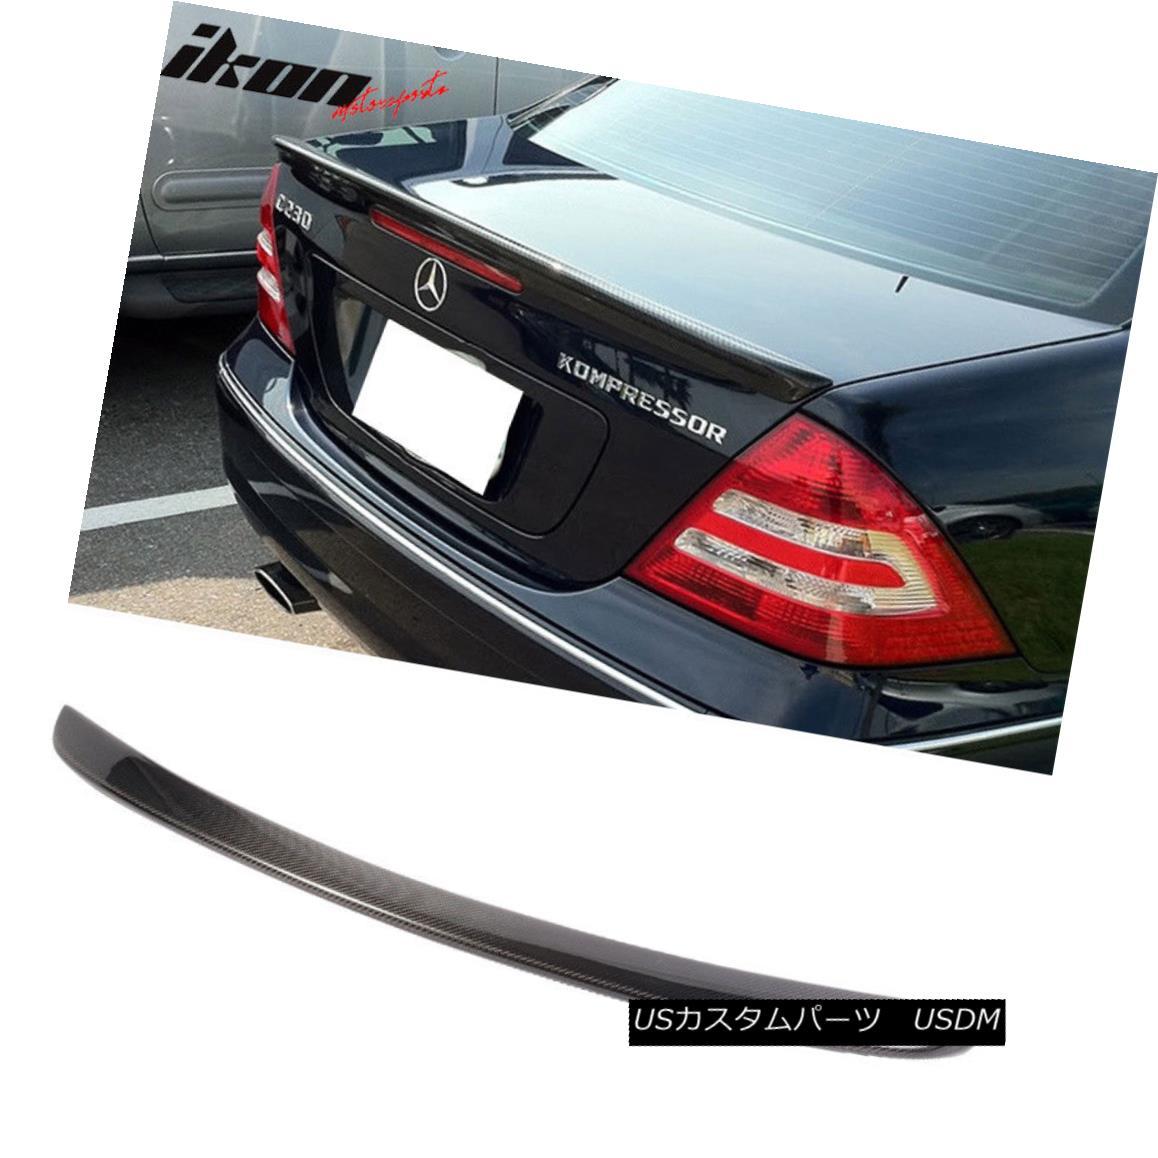 エアロパーツ Fits 01-07 Benz C-Class W203 AMG Style Trunk Spoiler - Carbon Fiber (CF) フィット01-07ベンツCクラスW203 AMGスタイルのトランク・スポイラー - 炭素繊維(CF)